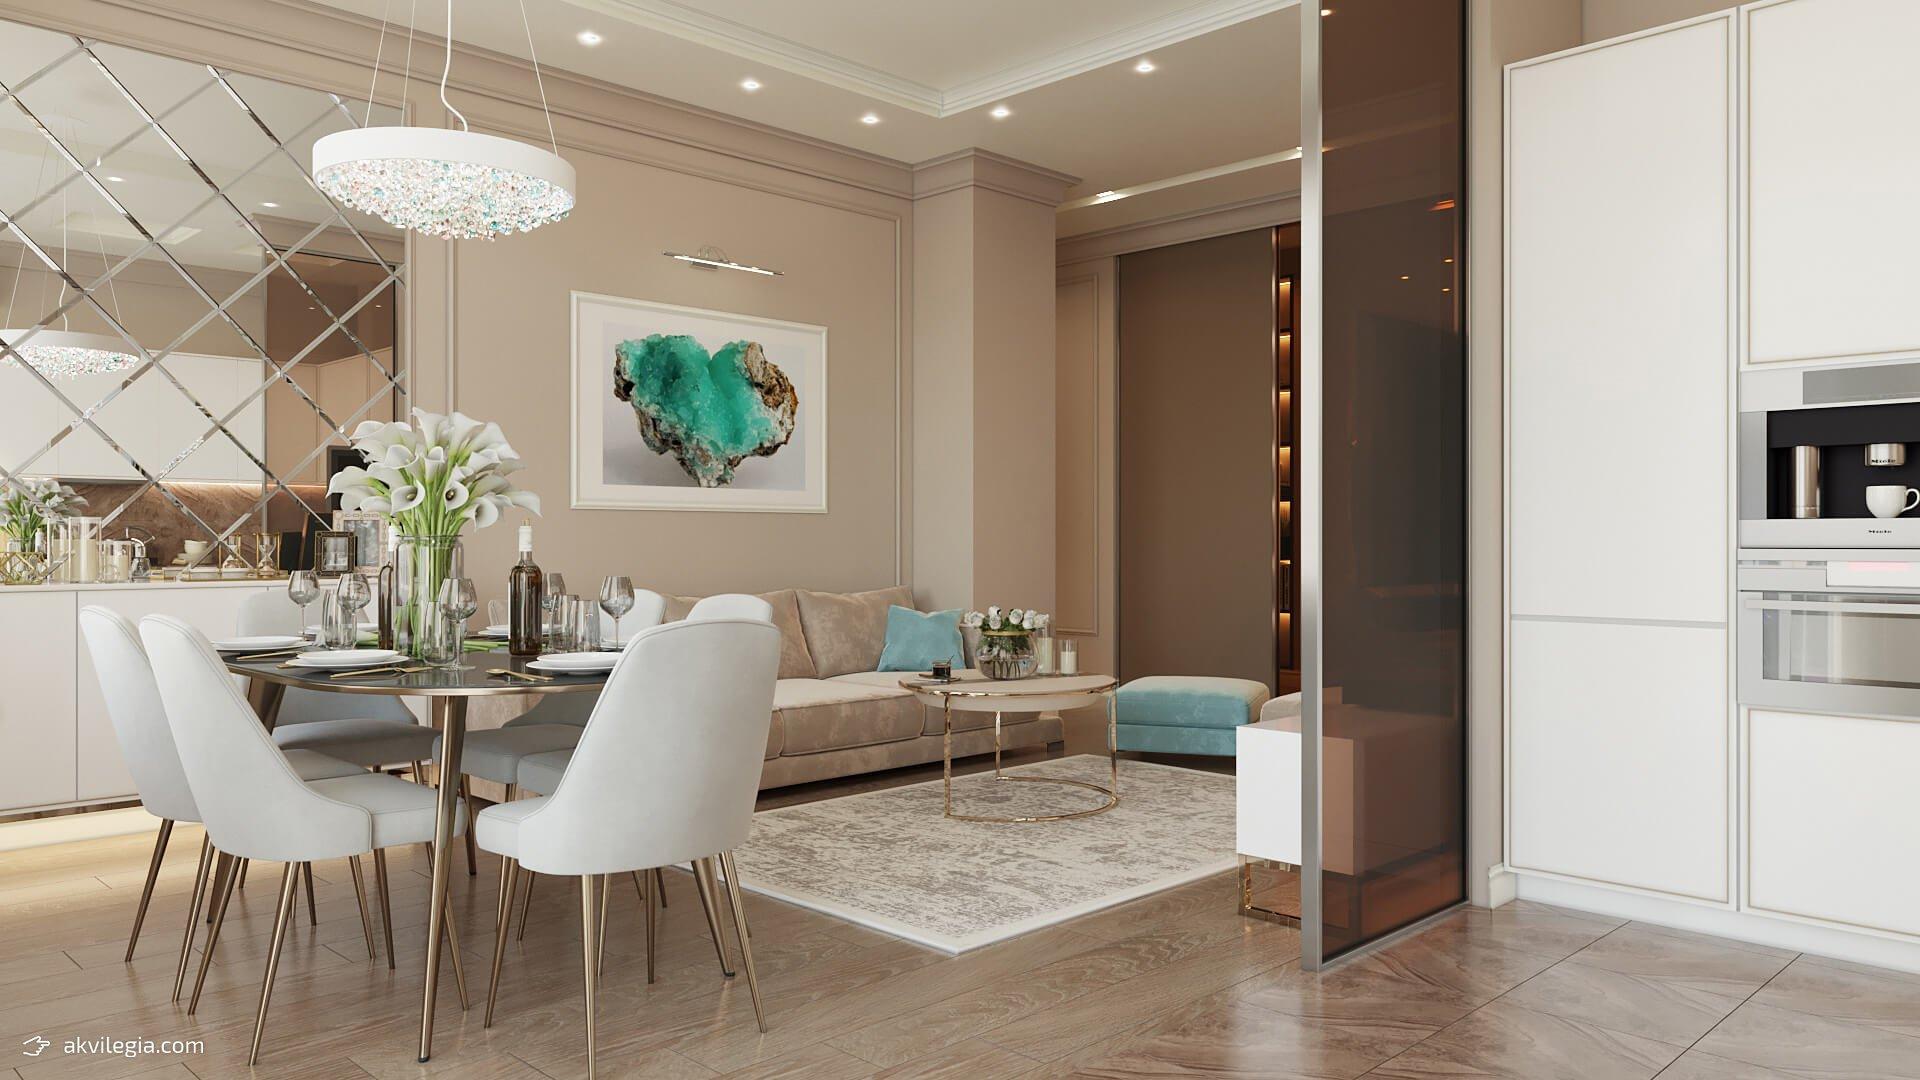 дизайн трехкомнатной квартиры полы фото